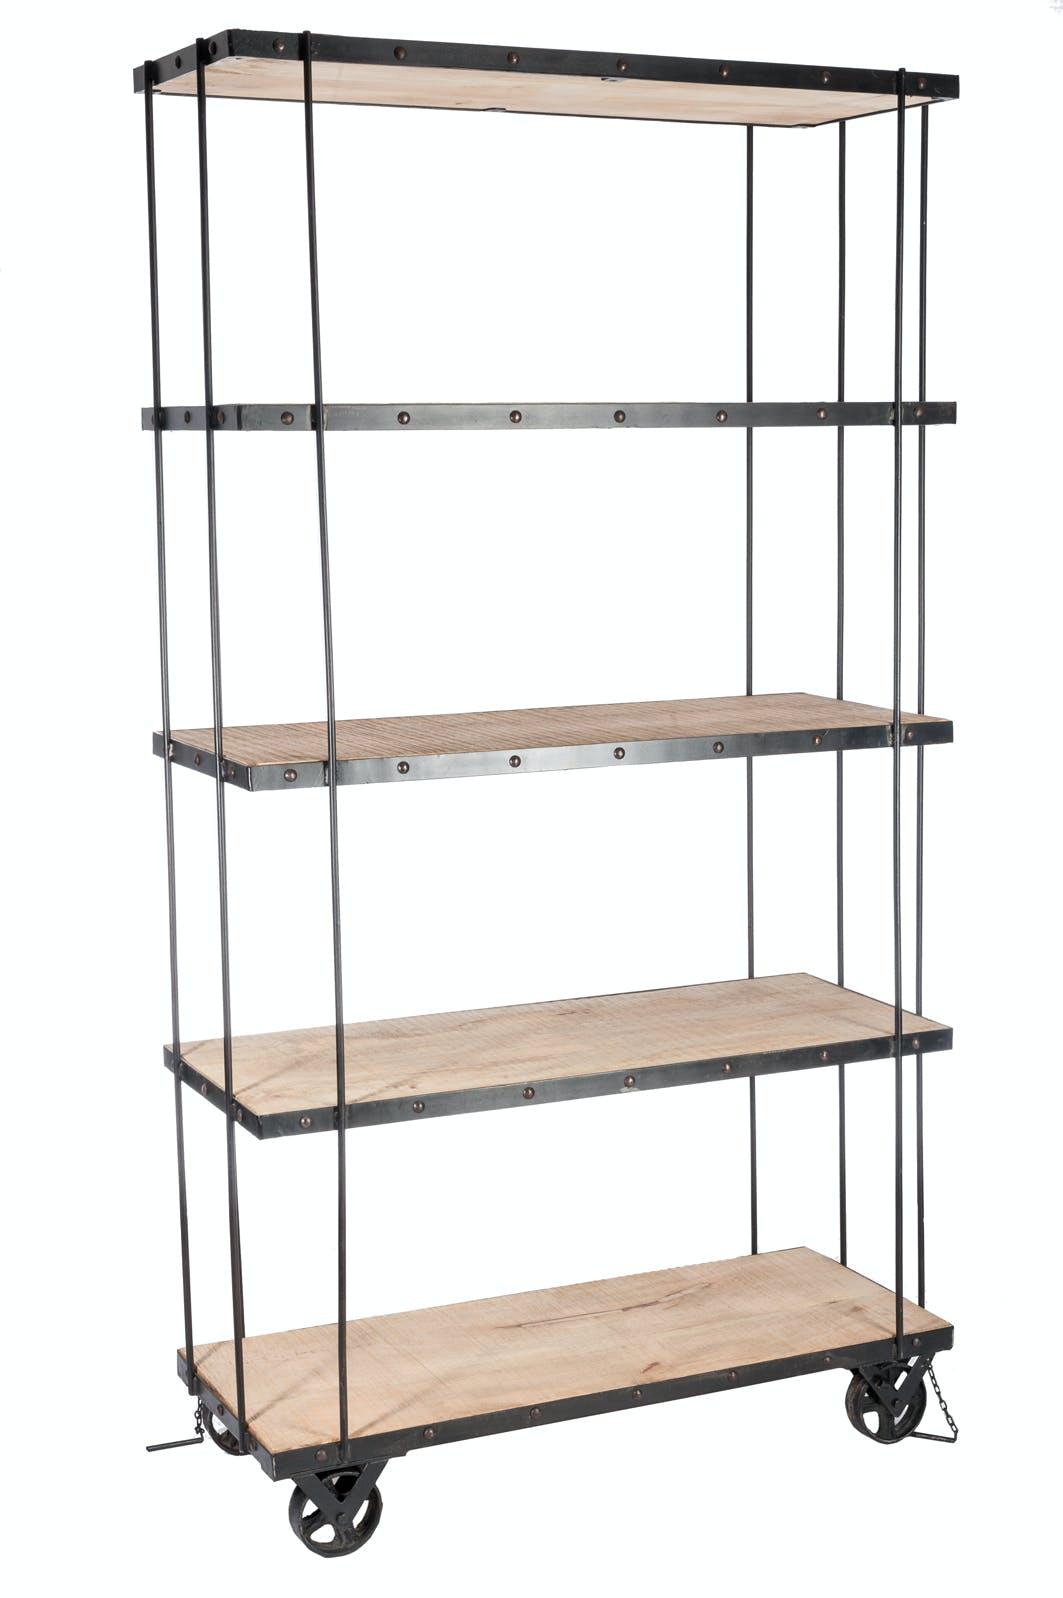 Etagère à roulettes 4 niveaux bois et métal - 102x40x190cm LANDAISE